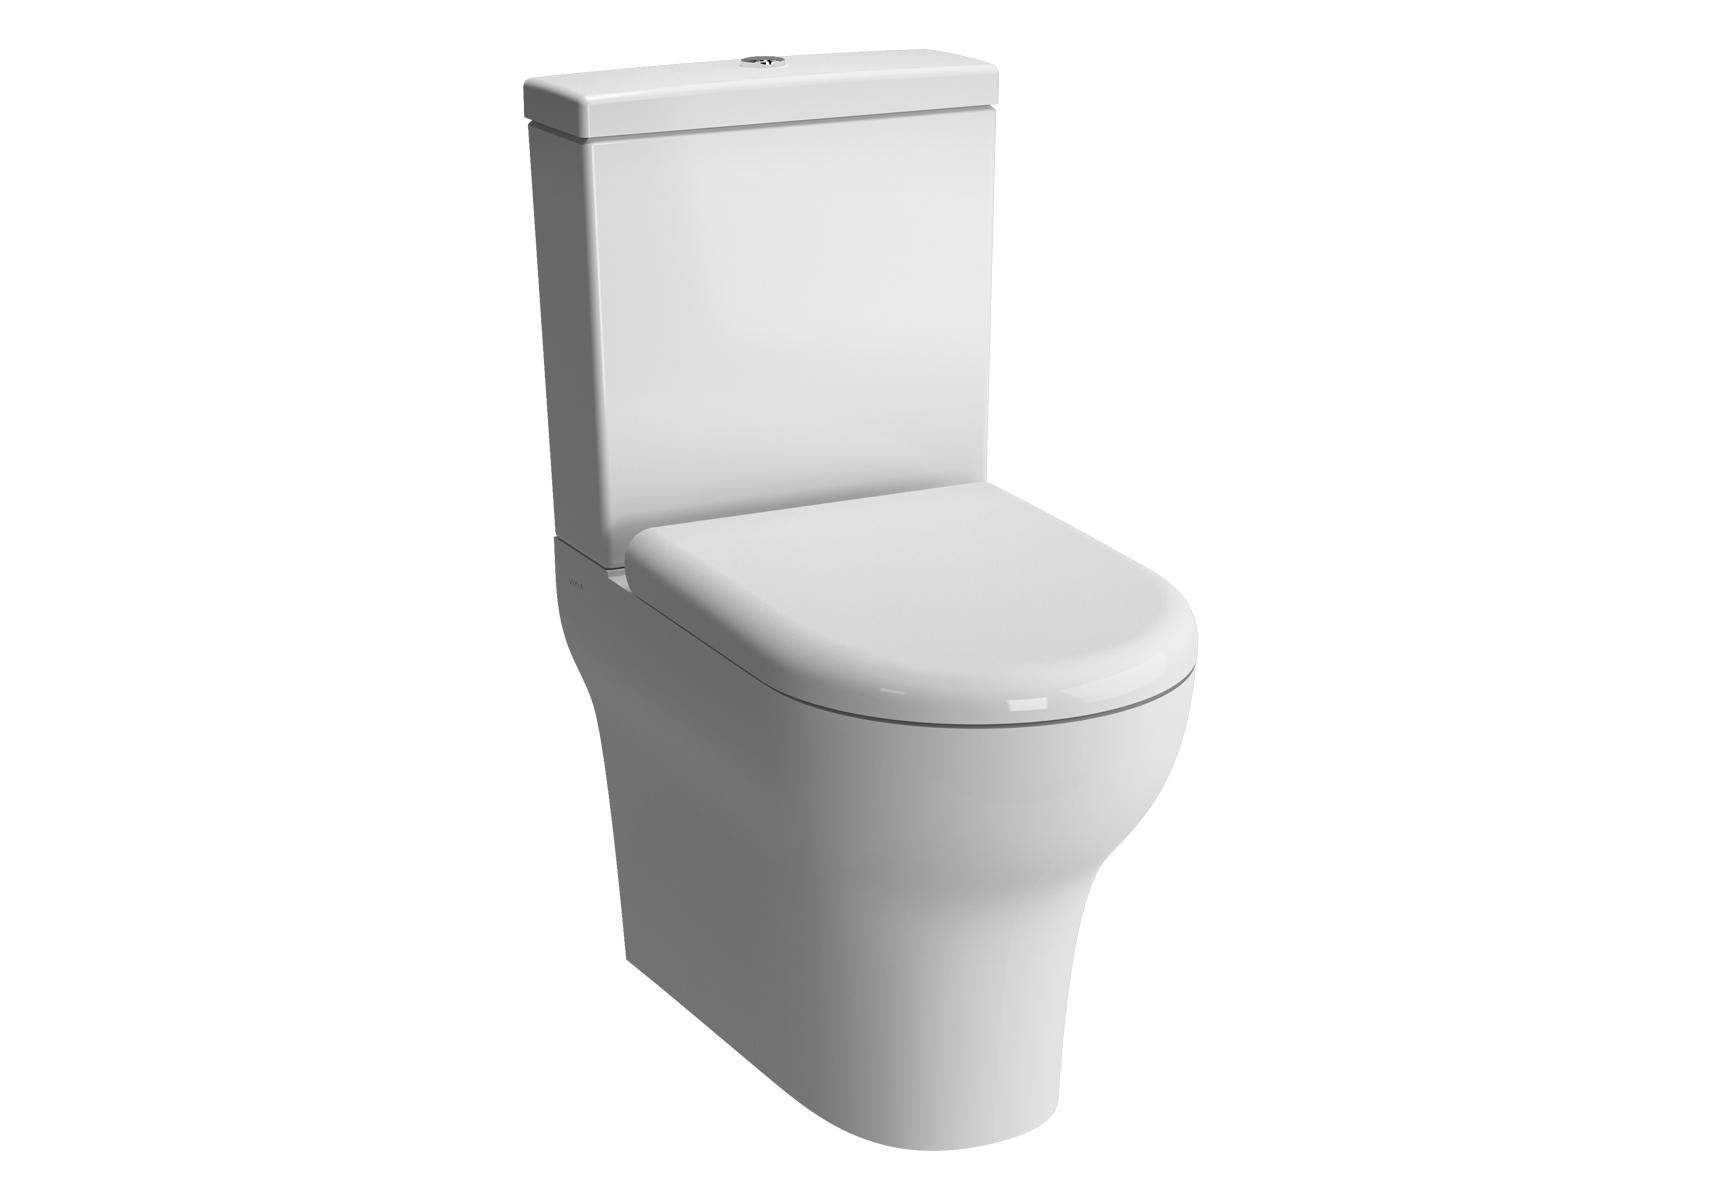 Zentrum WC à poser avec bride, BTW, 61 cm, sortie universel